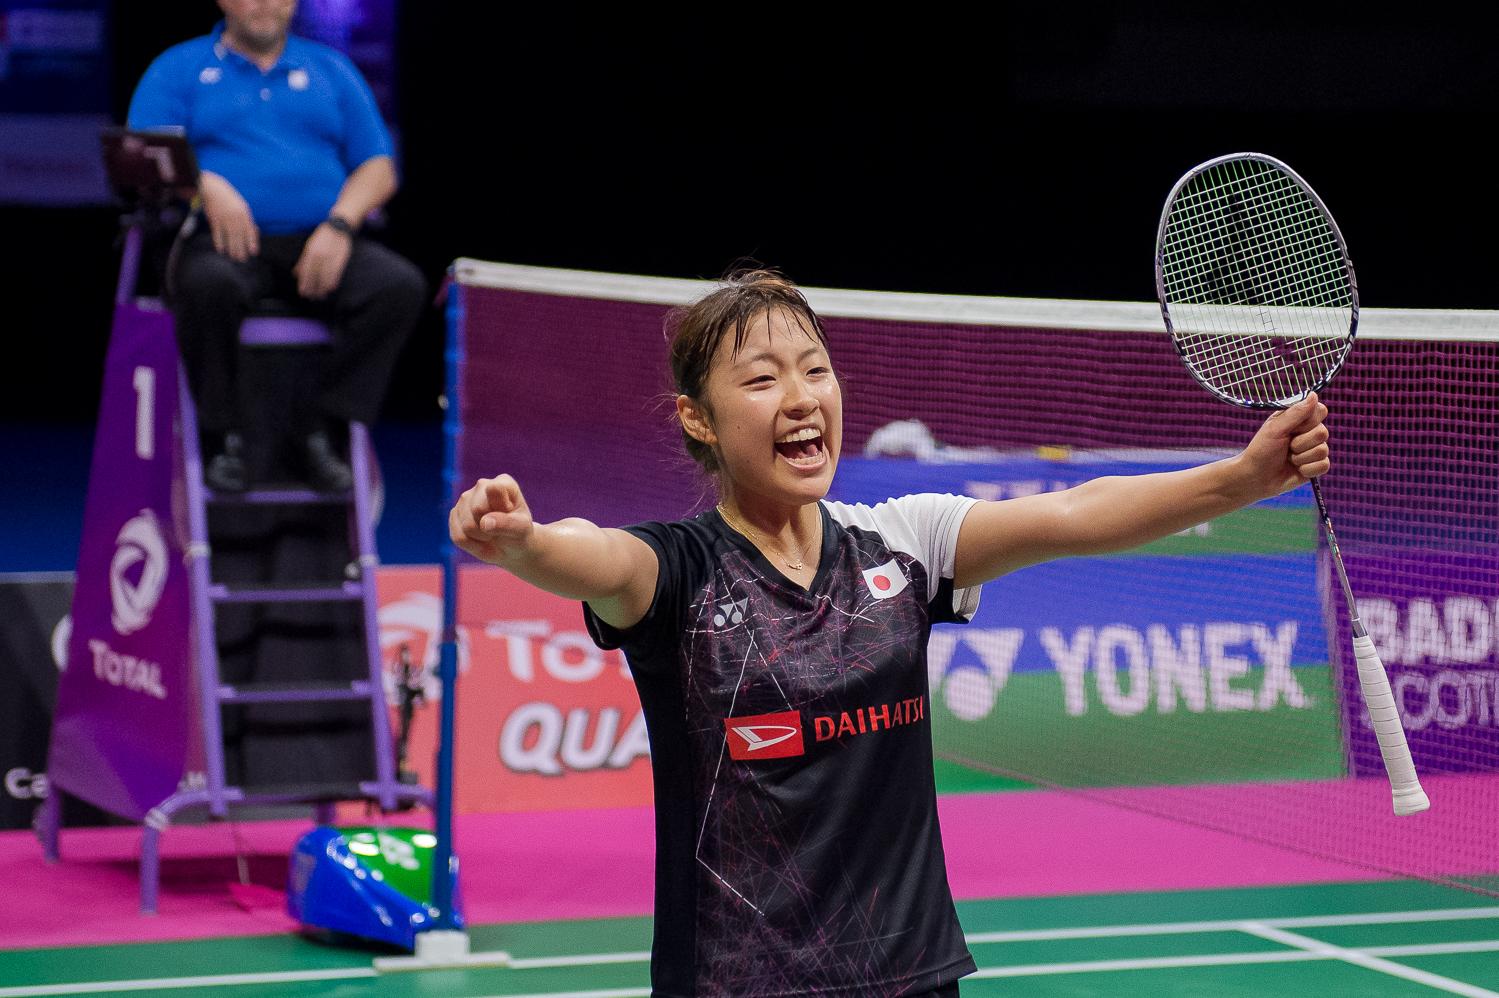 Bei den Damen geht der Traum von Marin-Bezwingerin Nozomi Okuhara weiter. Die flinke Japanerin stoppte den Lauf von Indiens Sania Nehwal im Halbfinale